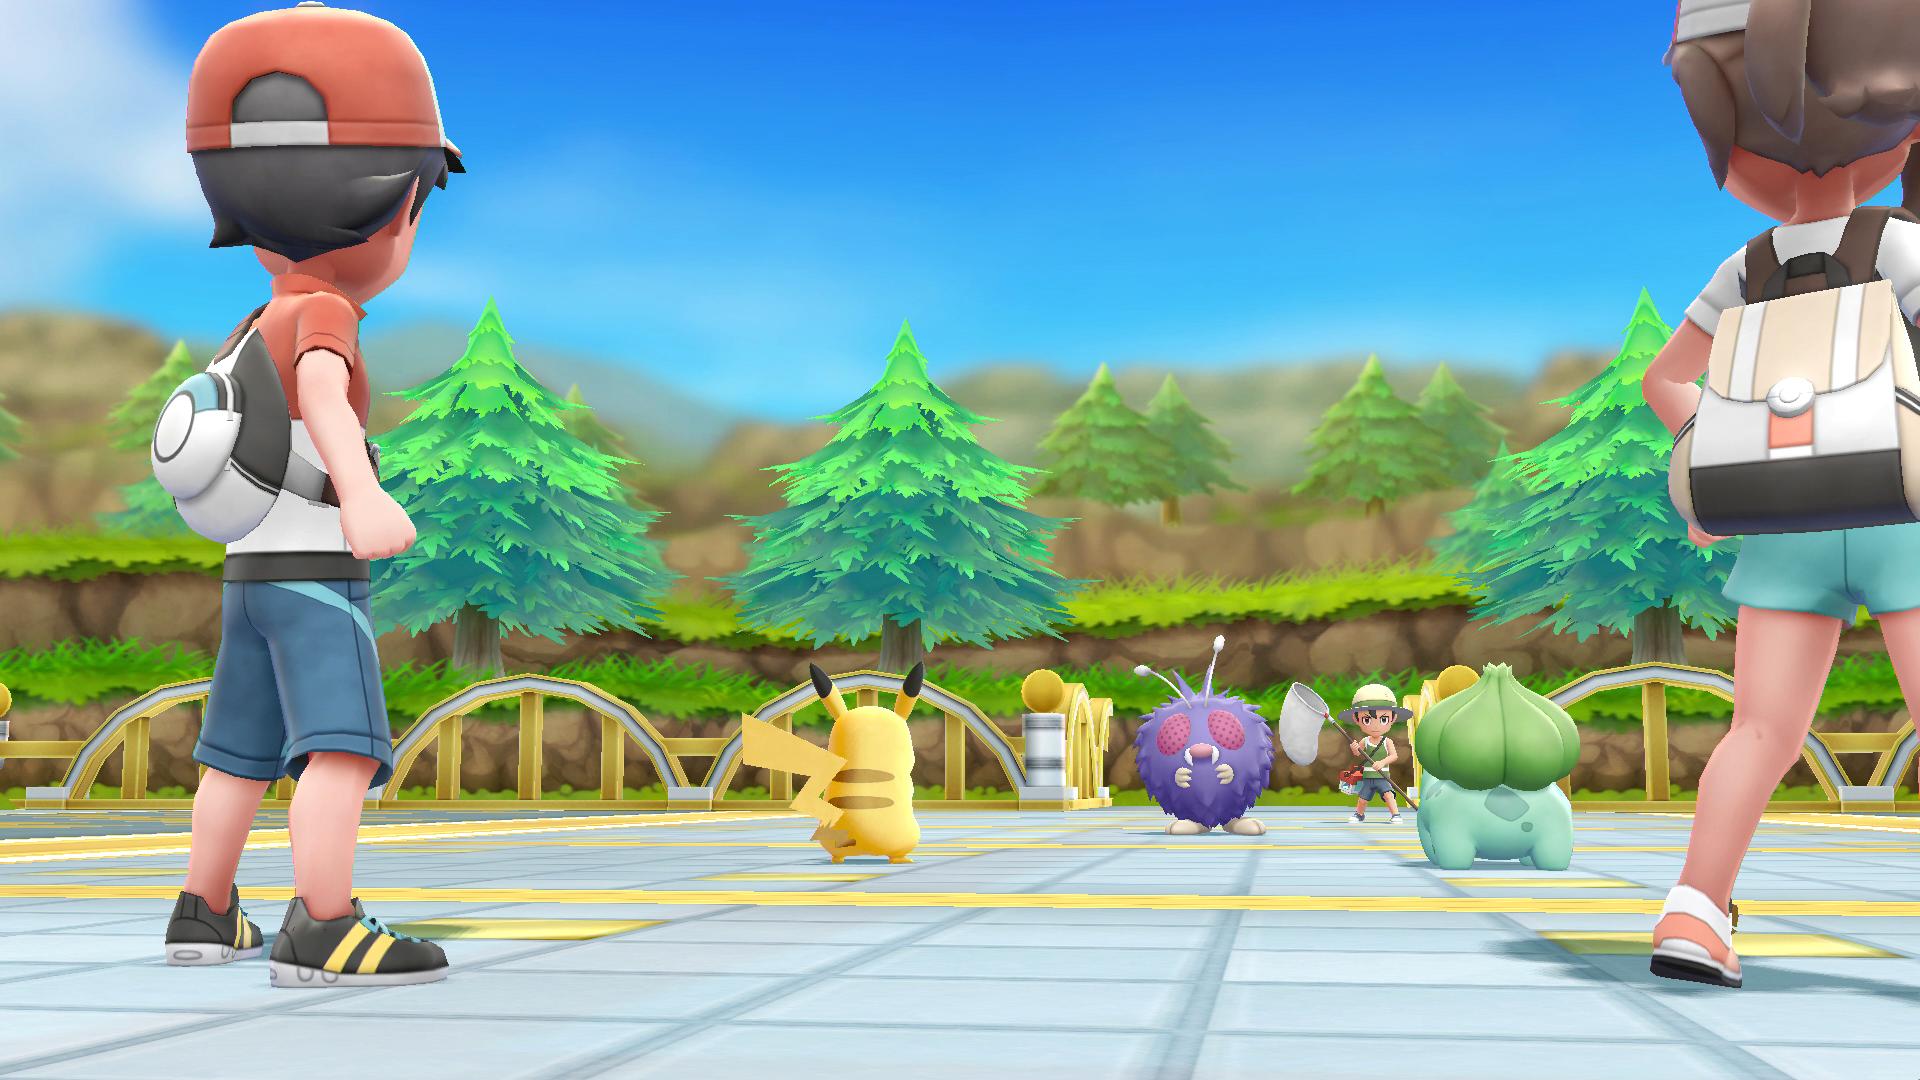 Вселенная Pokemon пополнится тремя новыми играми иполноценной ролевой игрой поPokemon